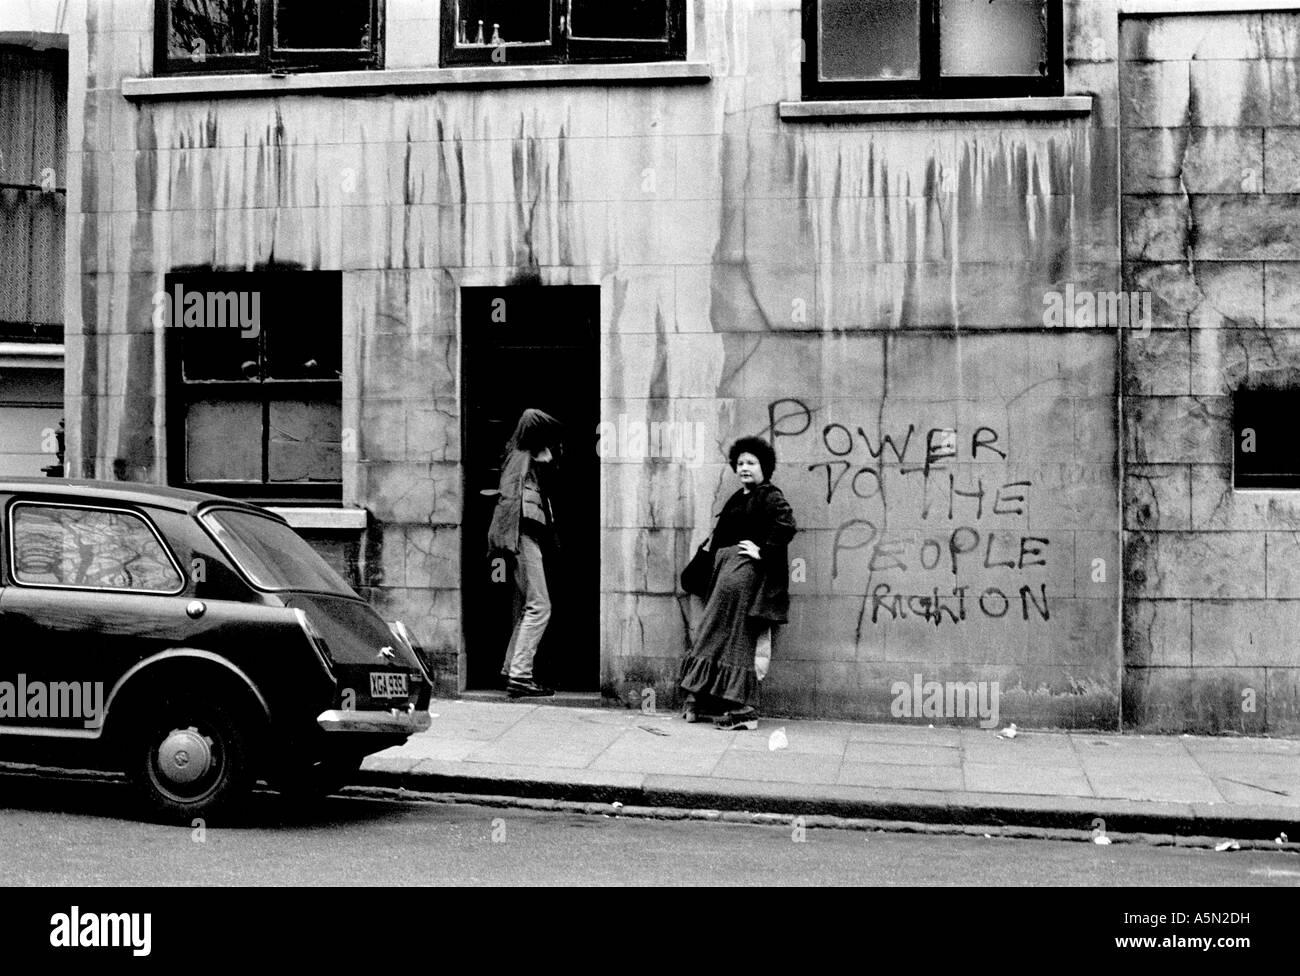 Les hippies dans Notting Hill Gate au début des années 70. Banque D'Images